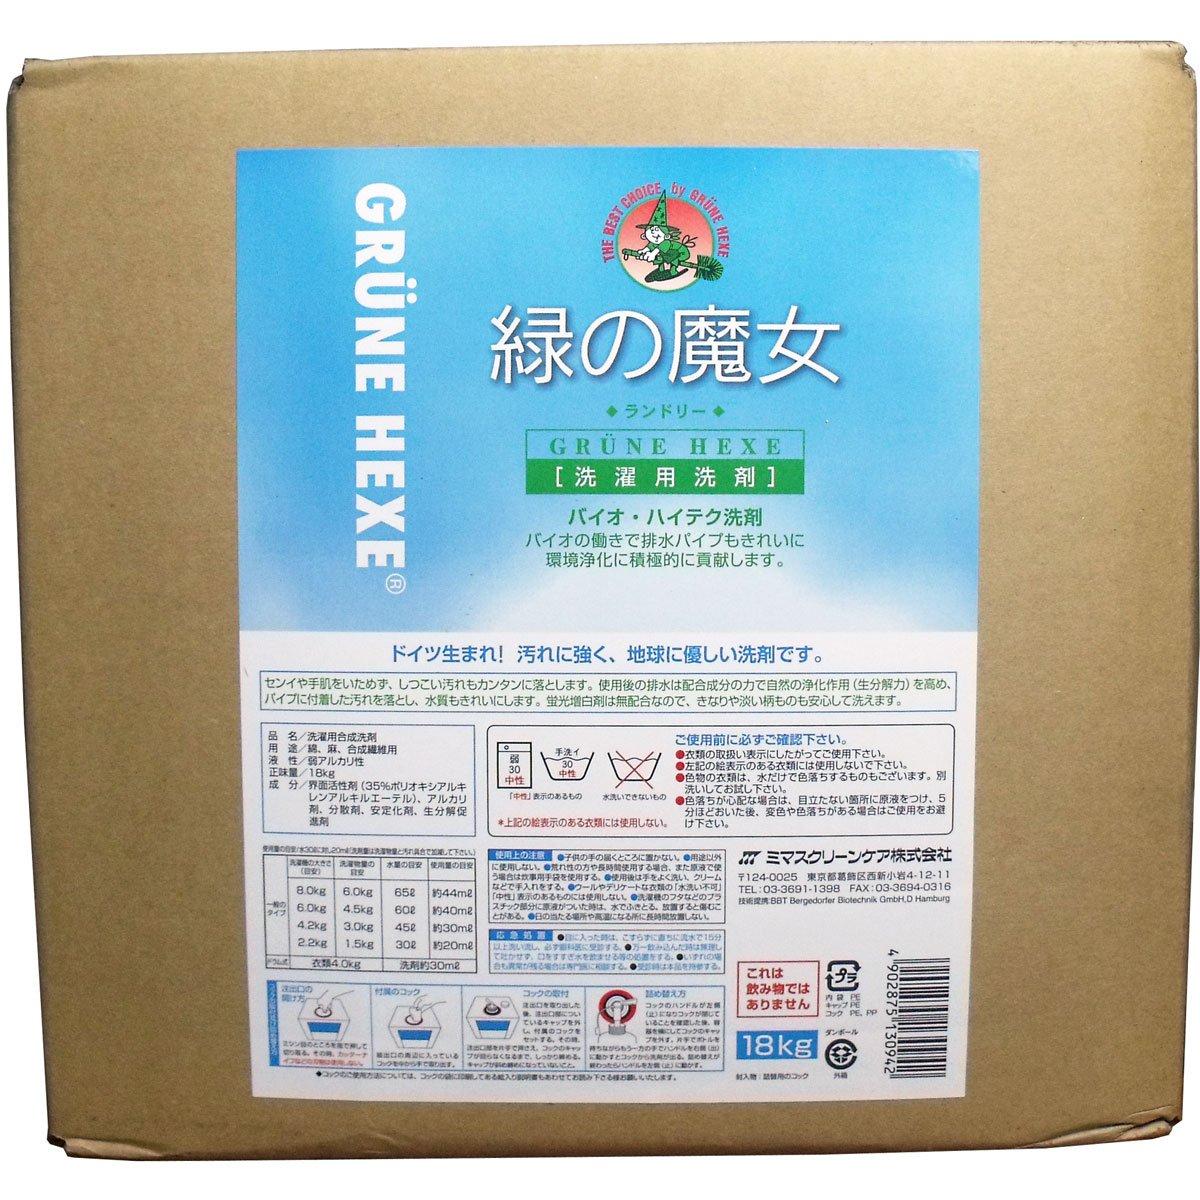 緑の魔女 洗濯用洗剤 大容量(業務用) 18L (ランドリー) B00LDKAQSM